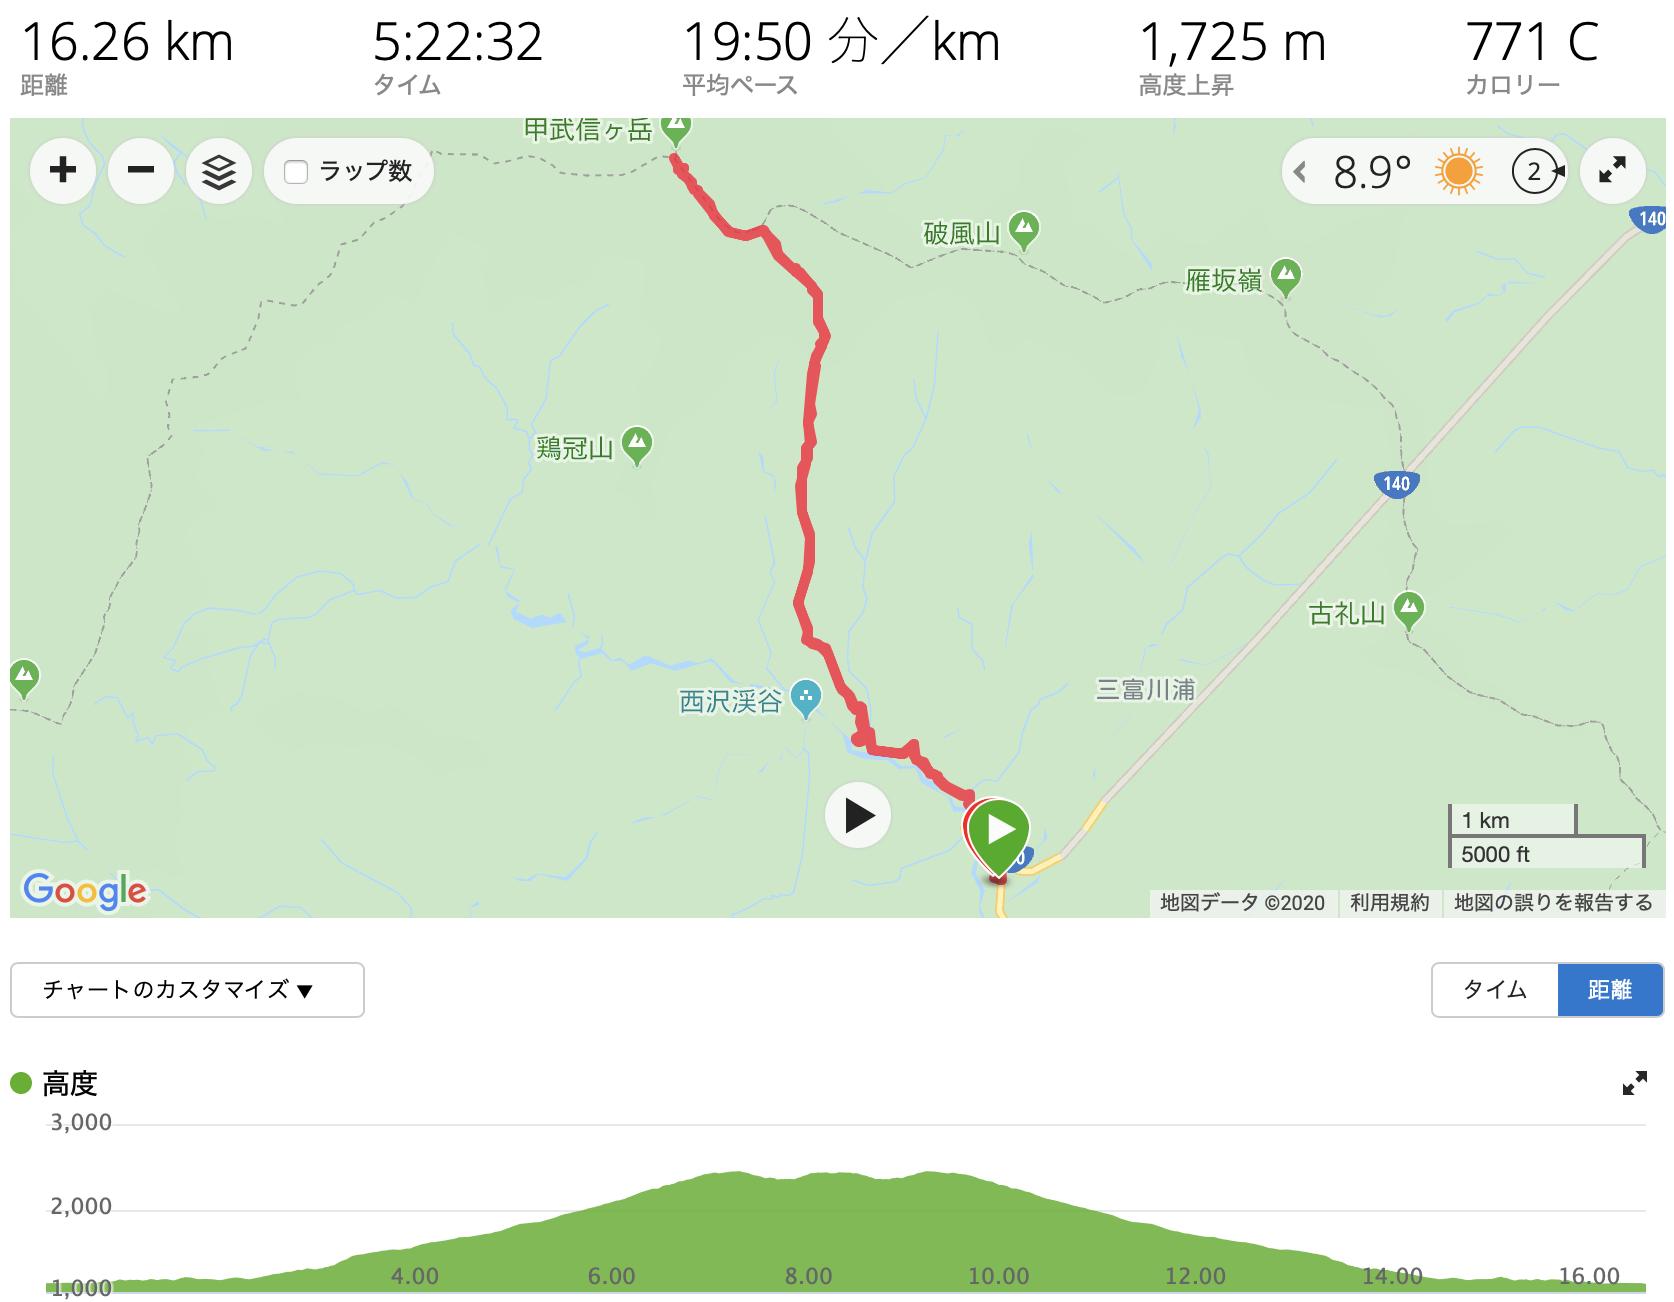 甲武信岳 GPS